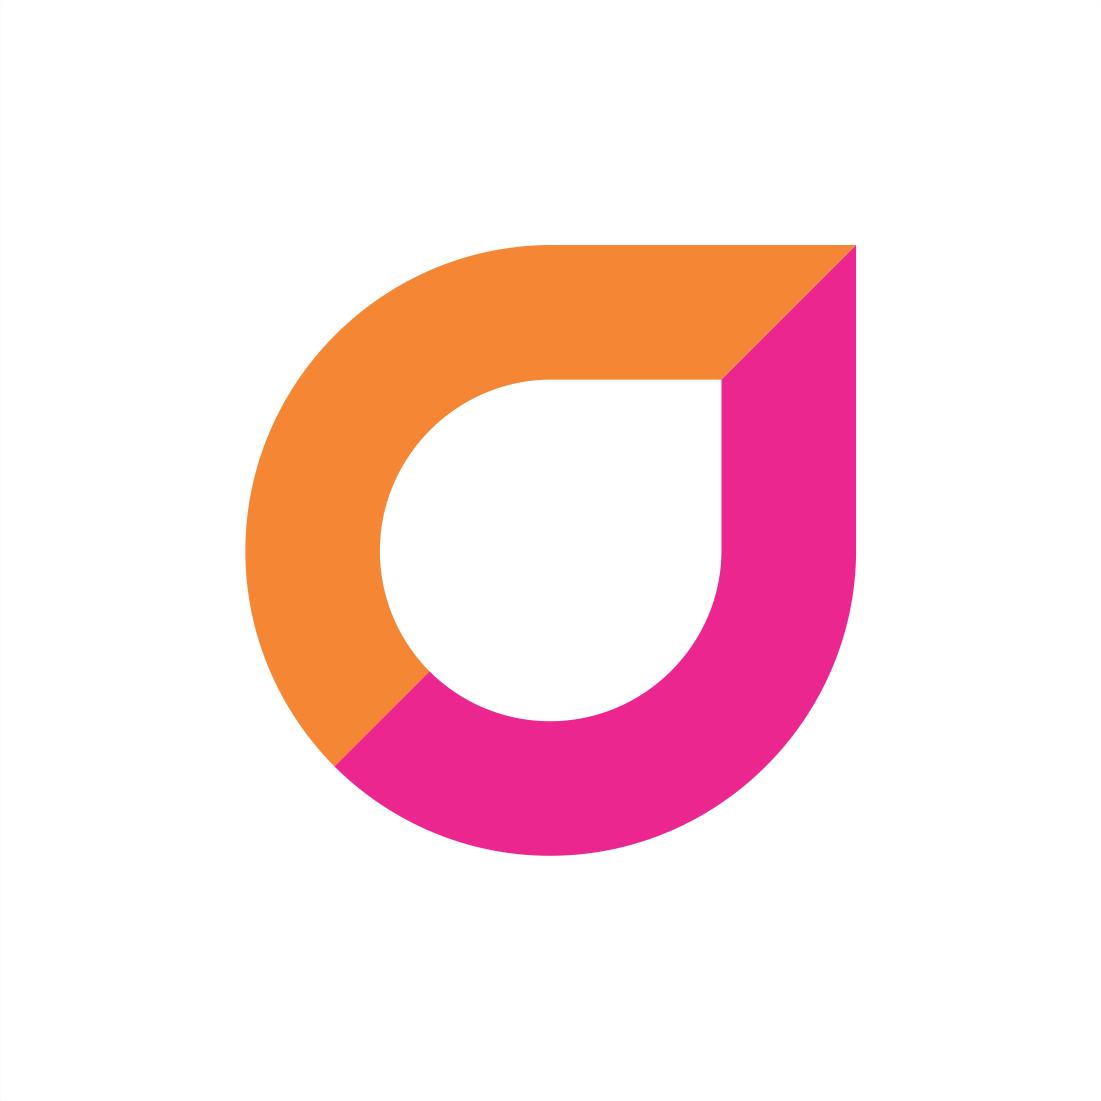 ag|alexguerra design e comunicação